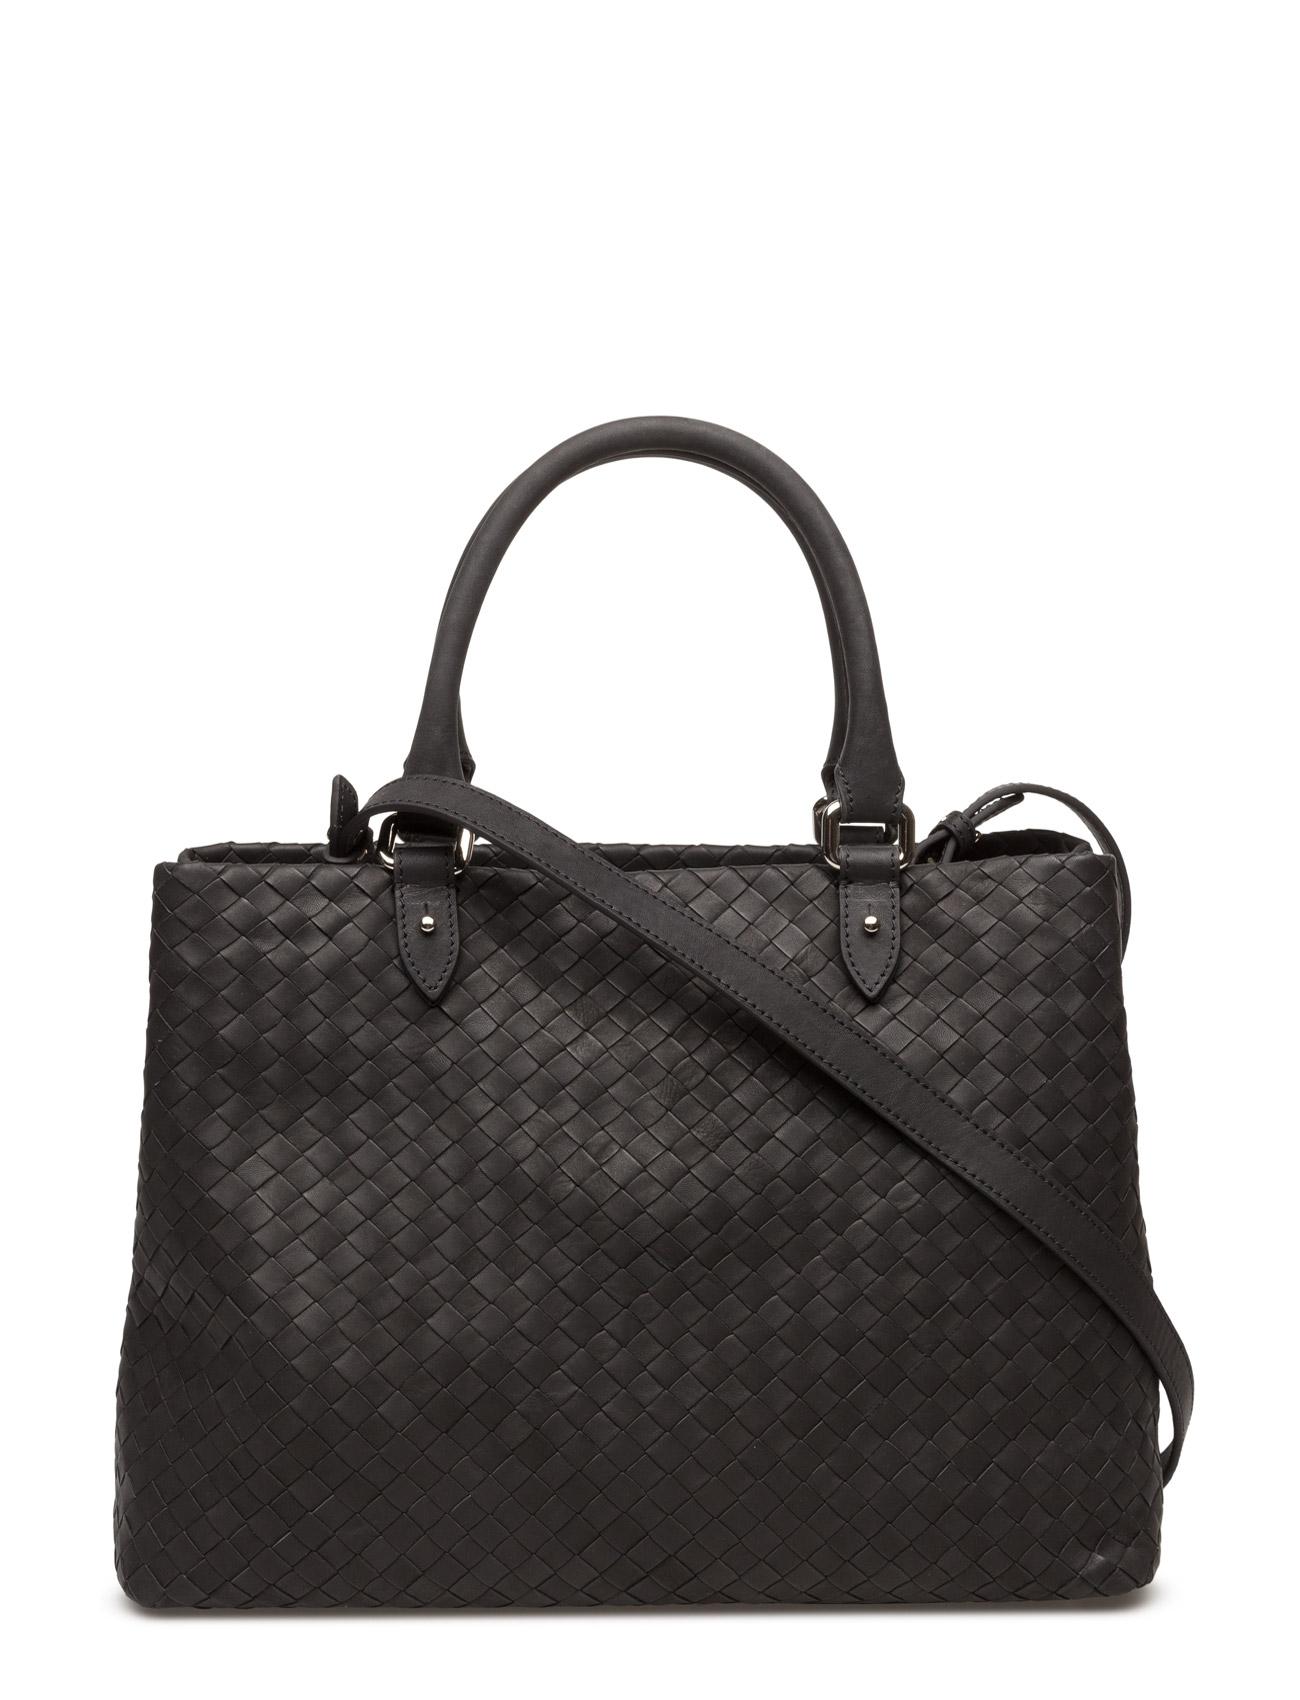 Woven Hand Bag With Strap Decadent Tasker til Kvinder i Sort